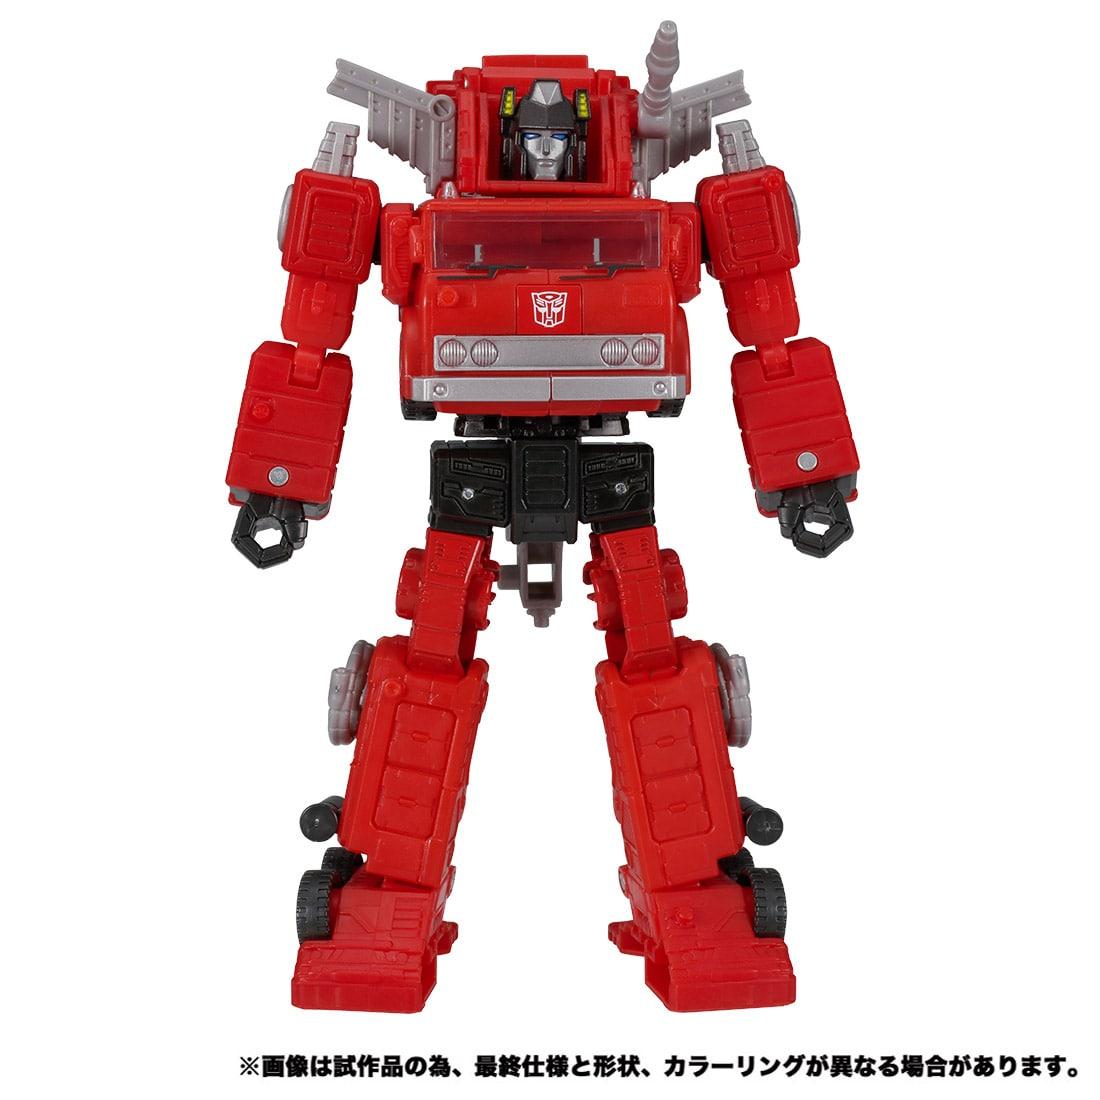 トランスフォーマー キングダム『KD-10 オートボットインフェルノ』可変可動フィギュア-001